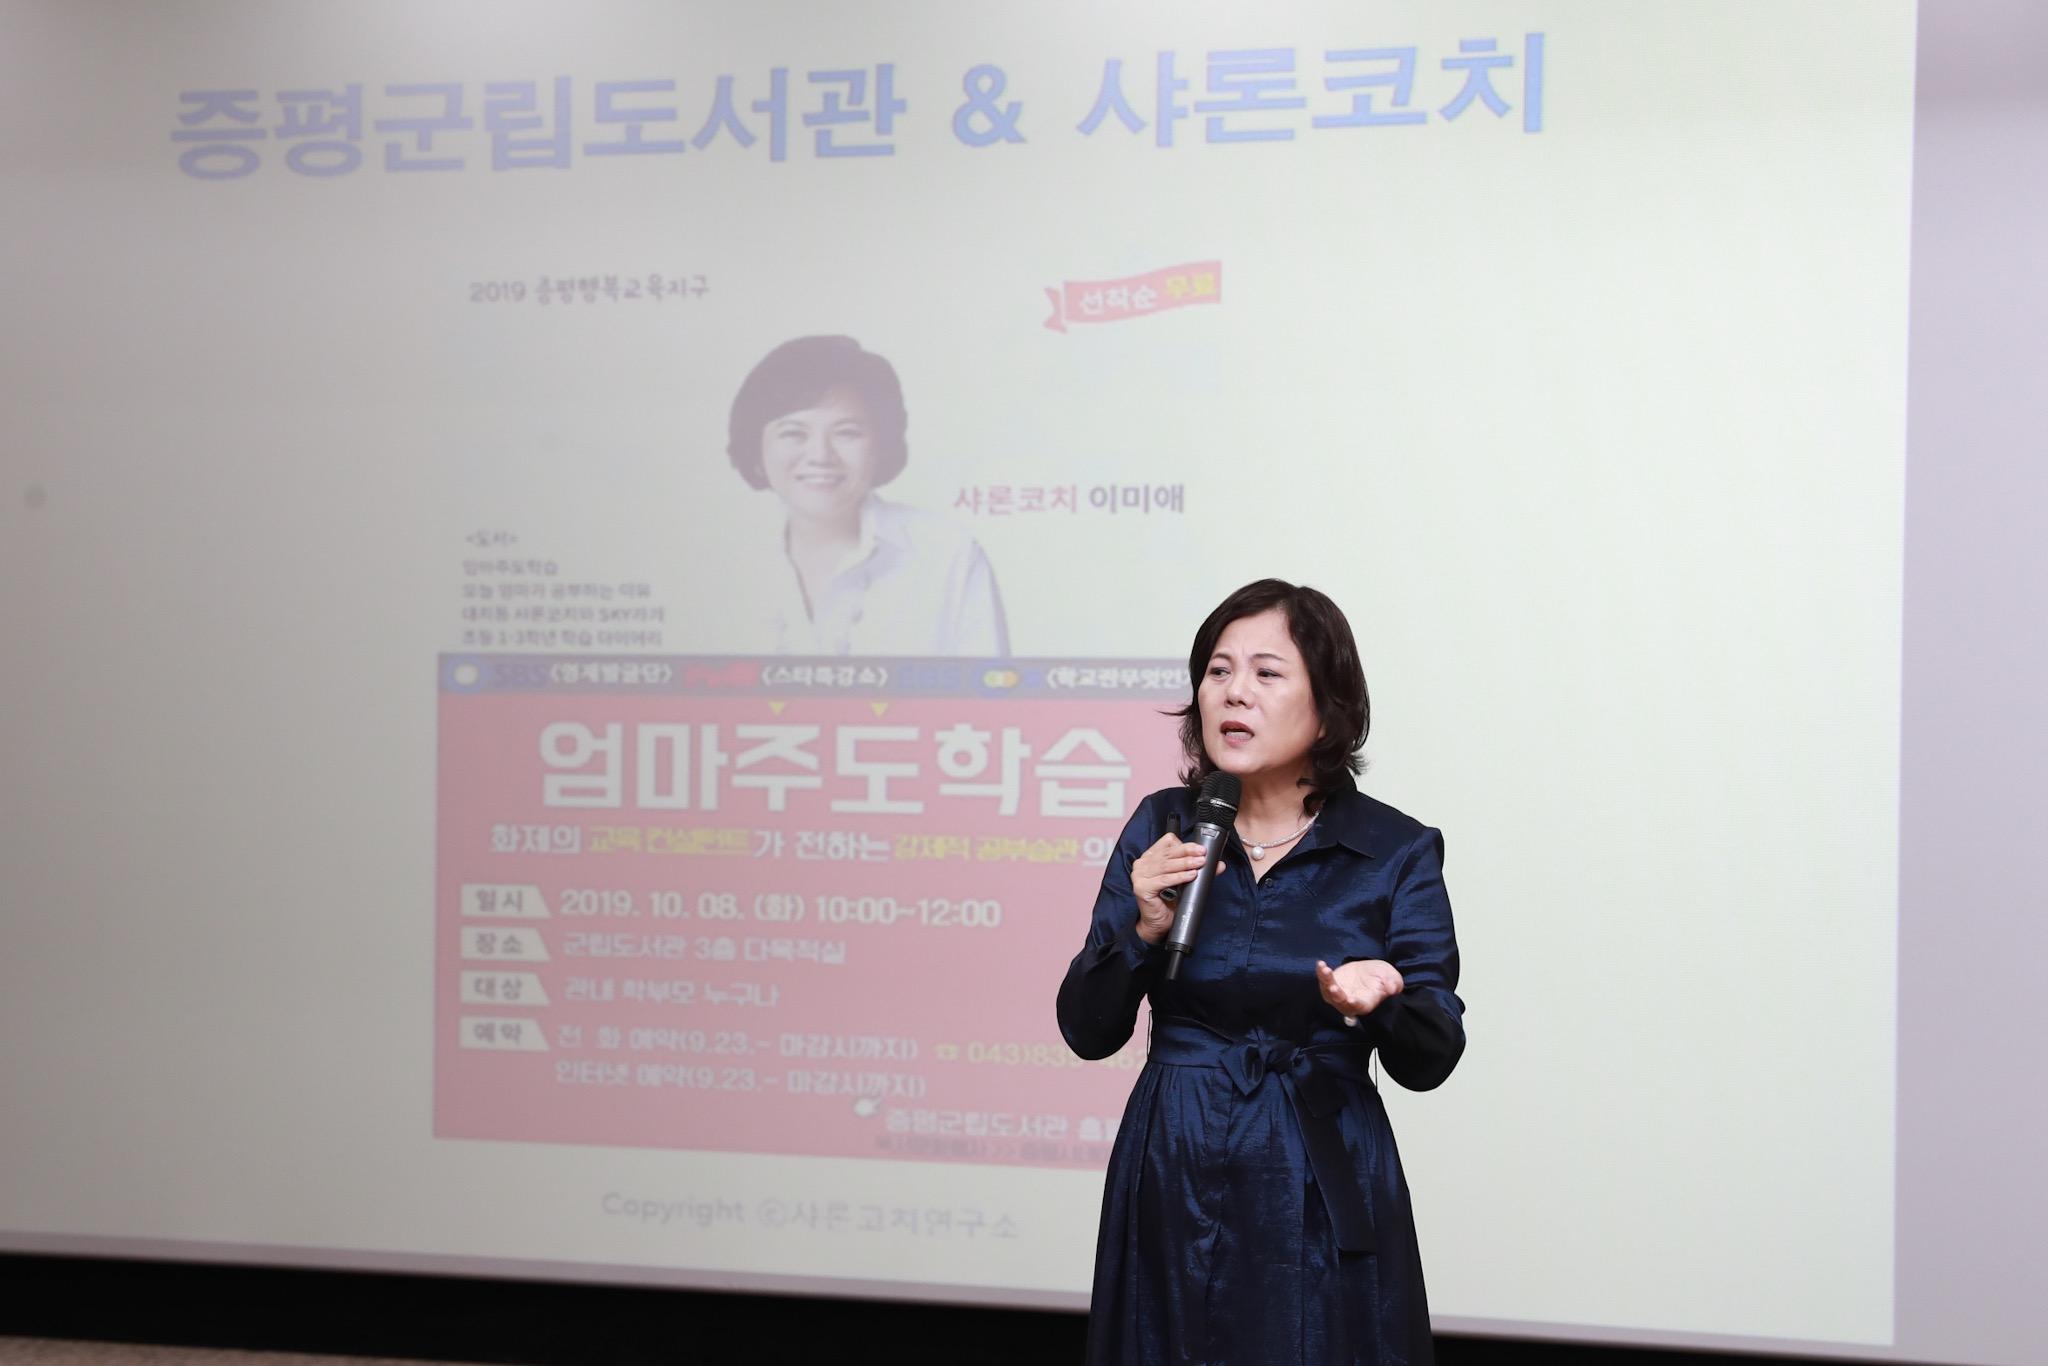 증평행복교육지구, '대치동 샤론코치' 이미애 강사 특강 [이미지]